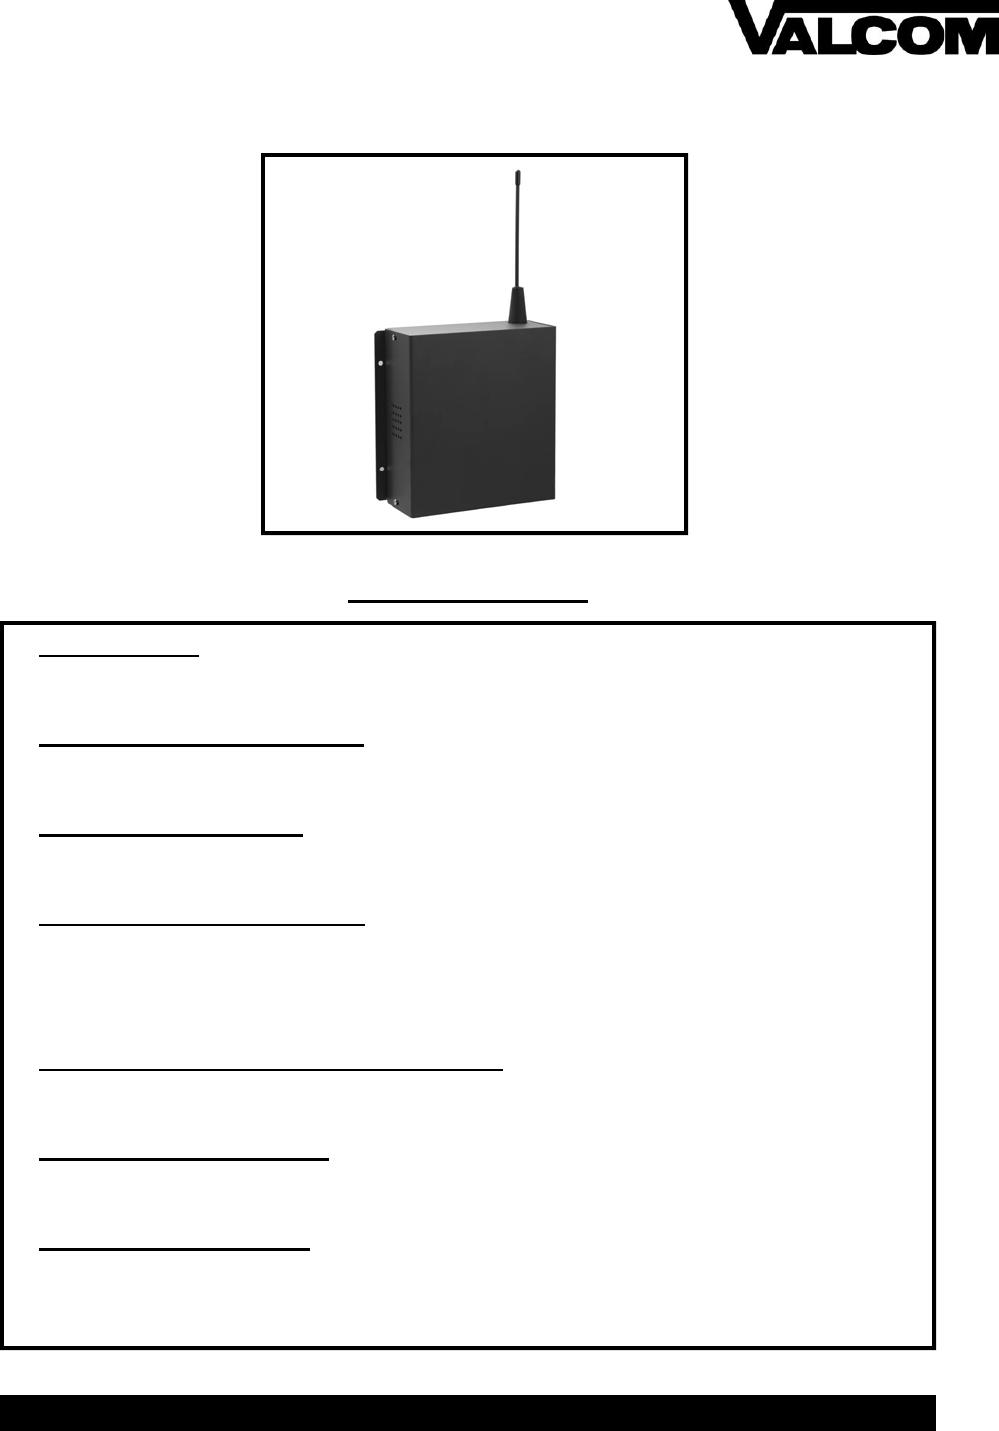 V WMCR Repeater Installation Manual Rev 1.04 Valcom Wireless Valcom Watt Wiring Diagram on